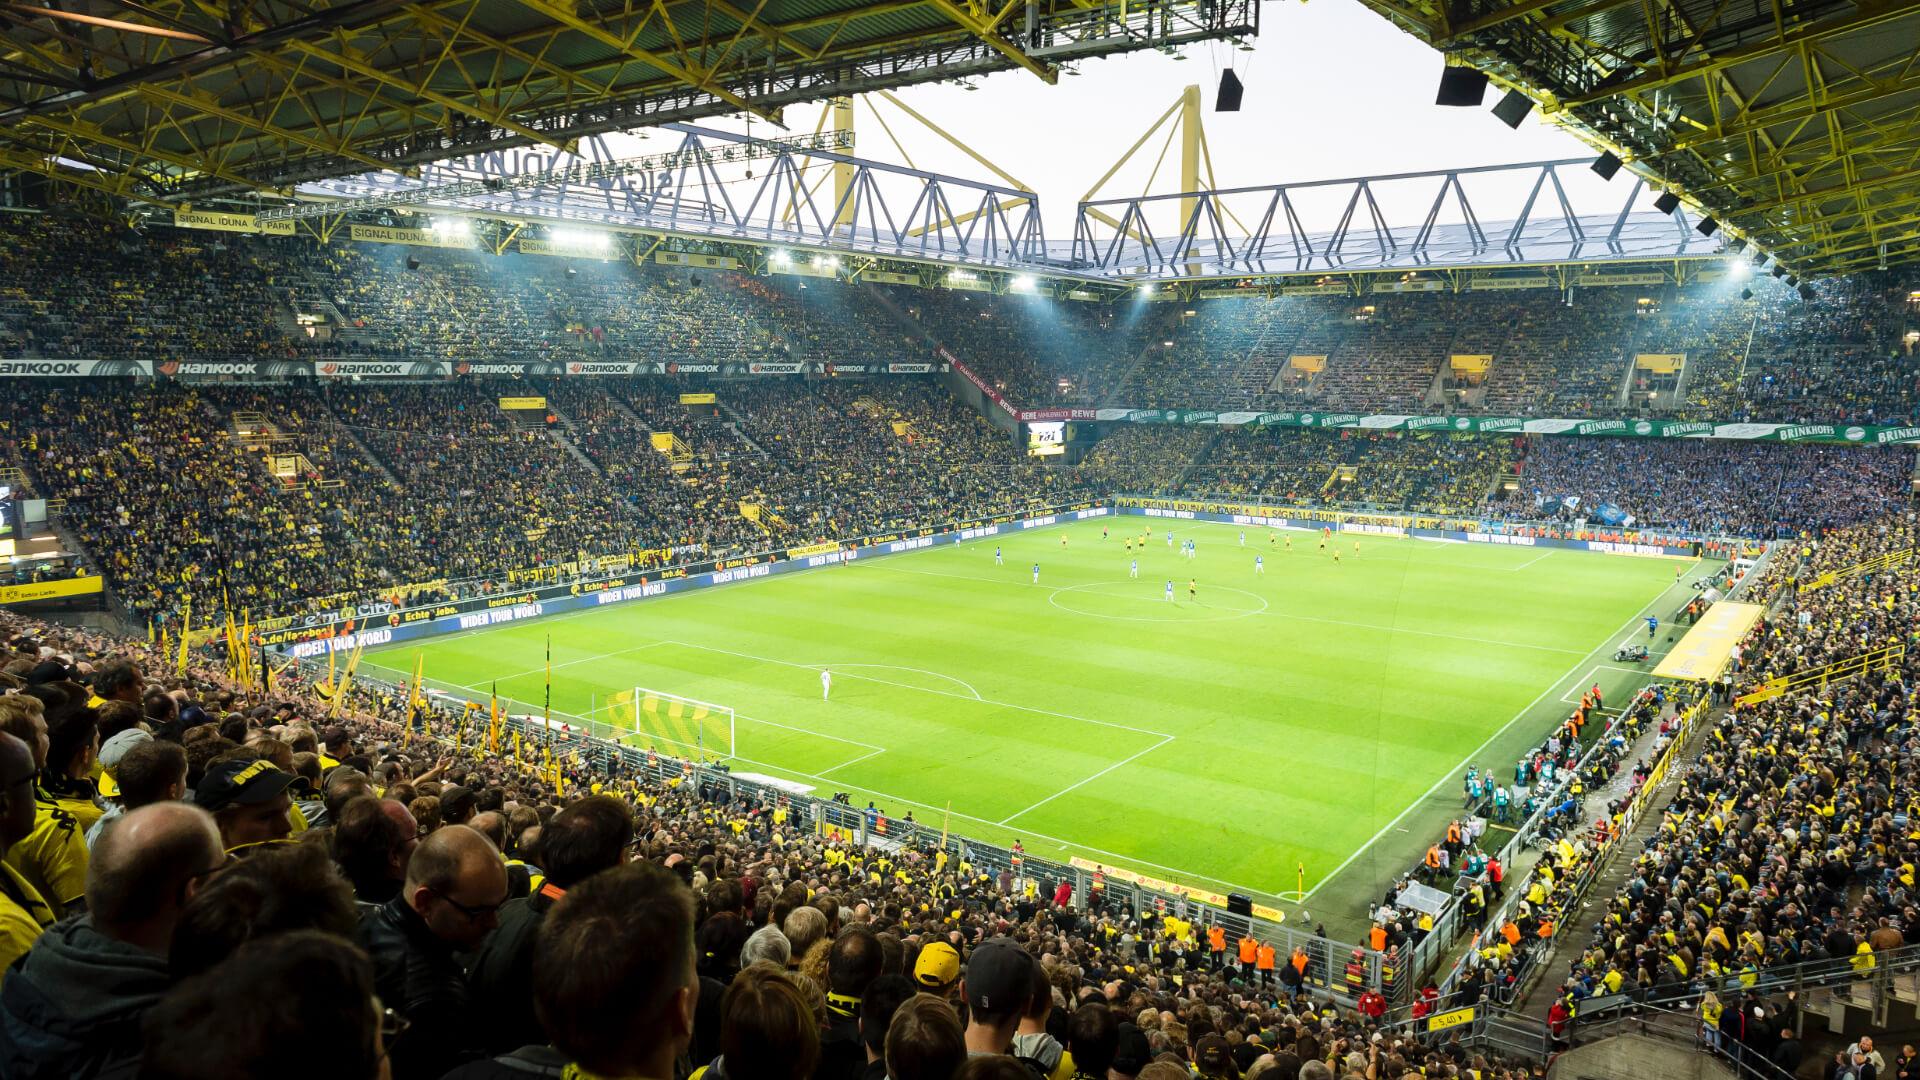 Dortmund Park